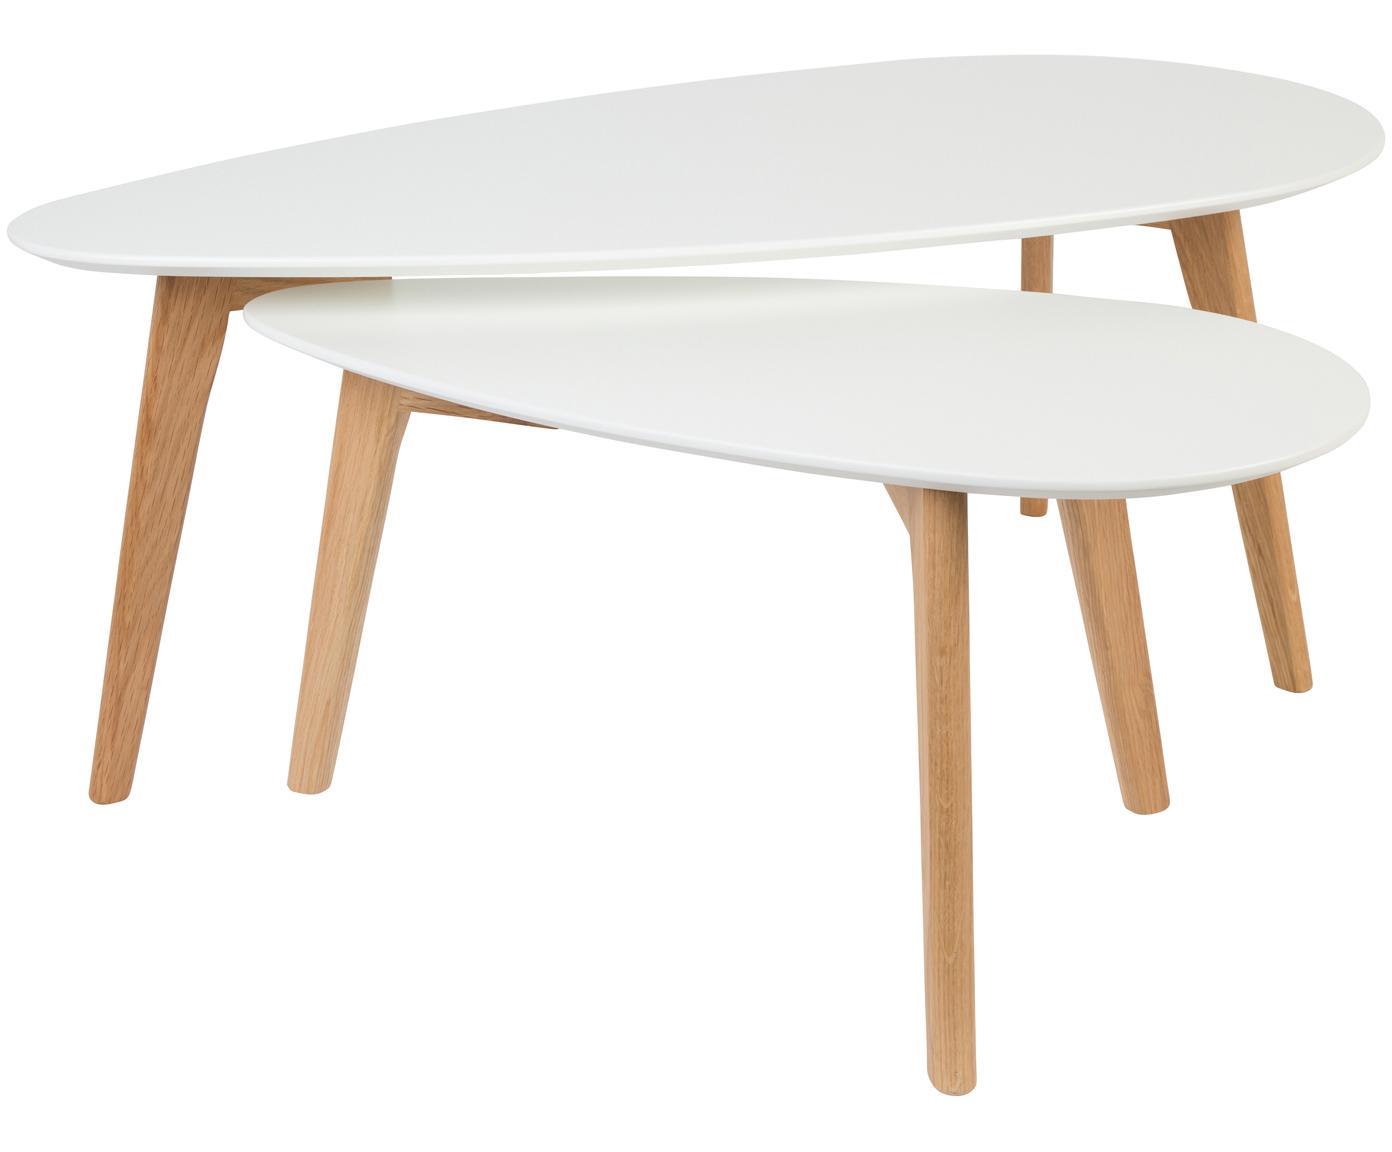 Salontafelset Ina, 2-delig, Tafelblad: MDF, gelakt, Poten: eikenhout, massief, Tafelblad: wit. poten: eikenhoutkleurig, Verschillende formaten